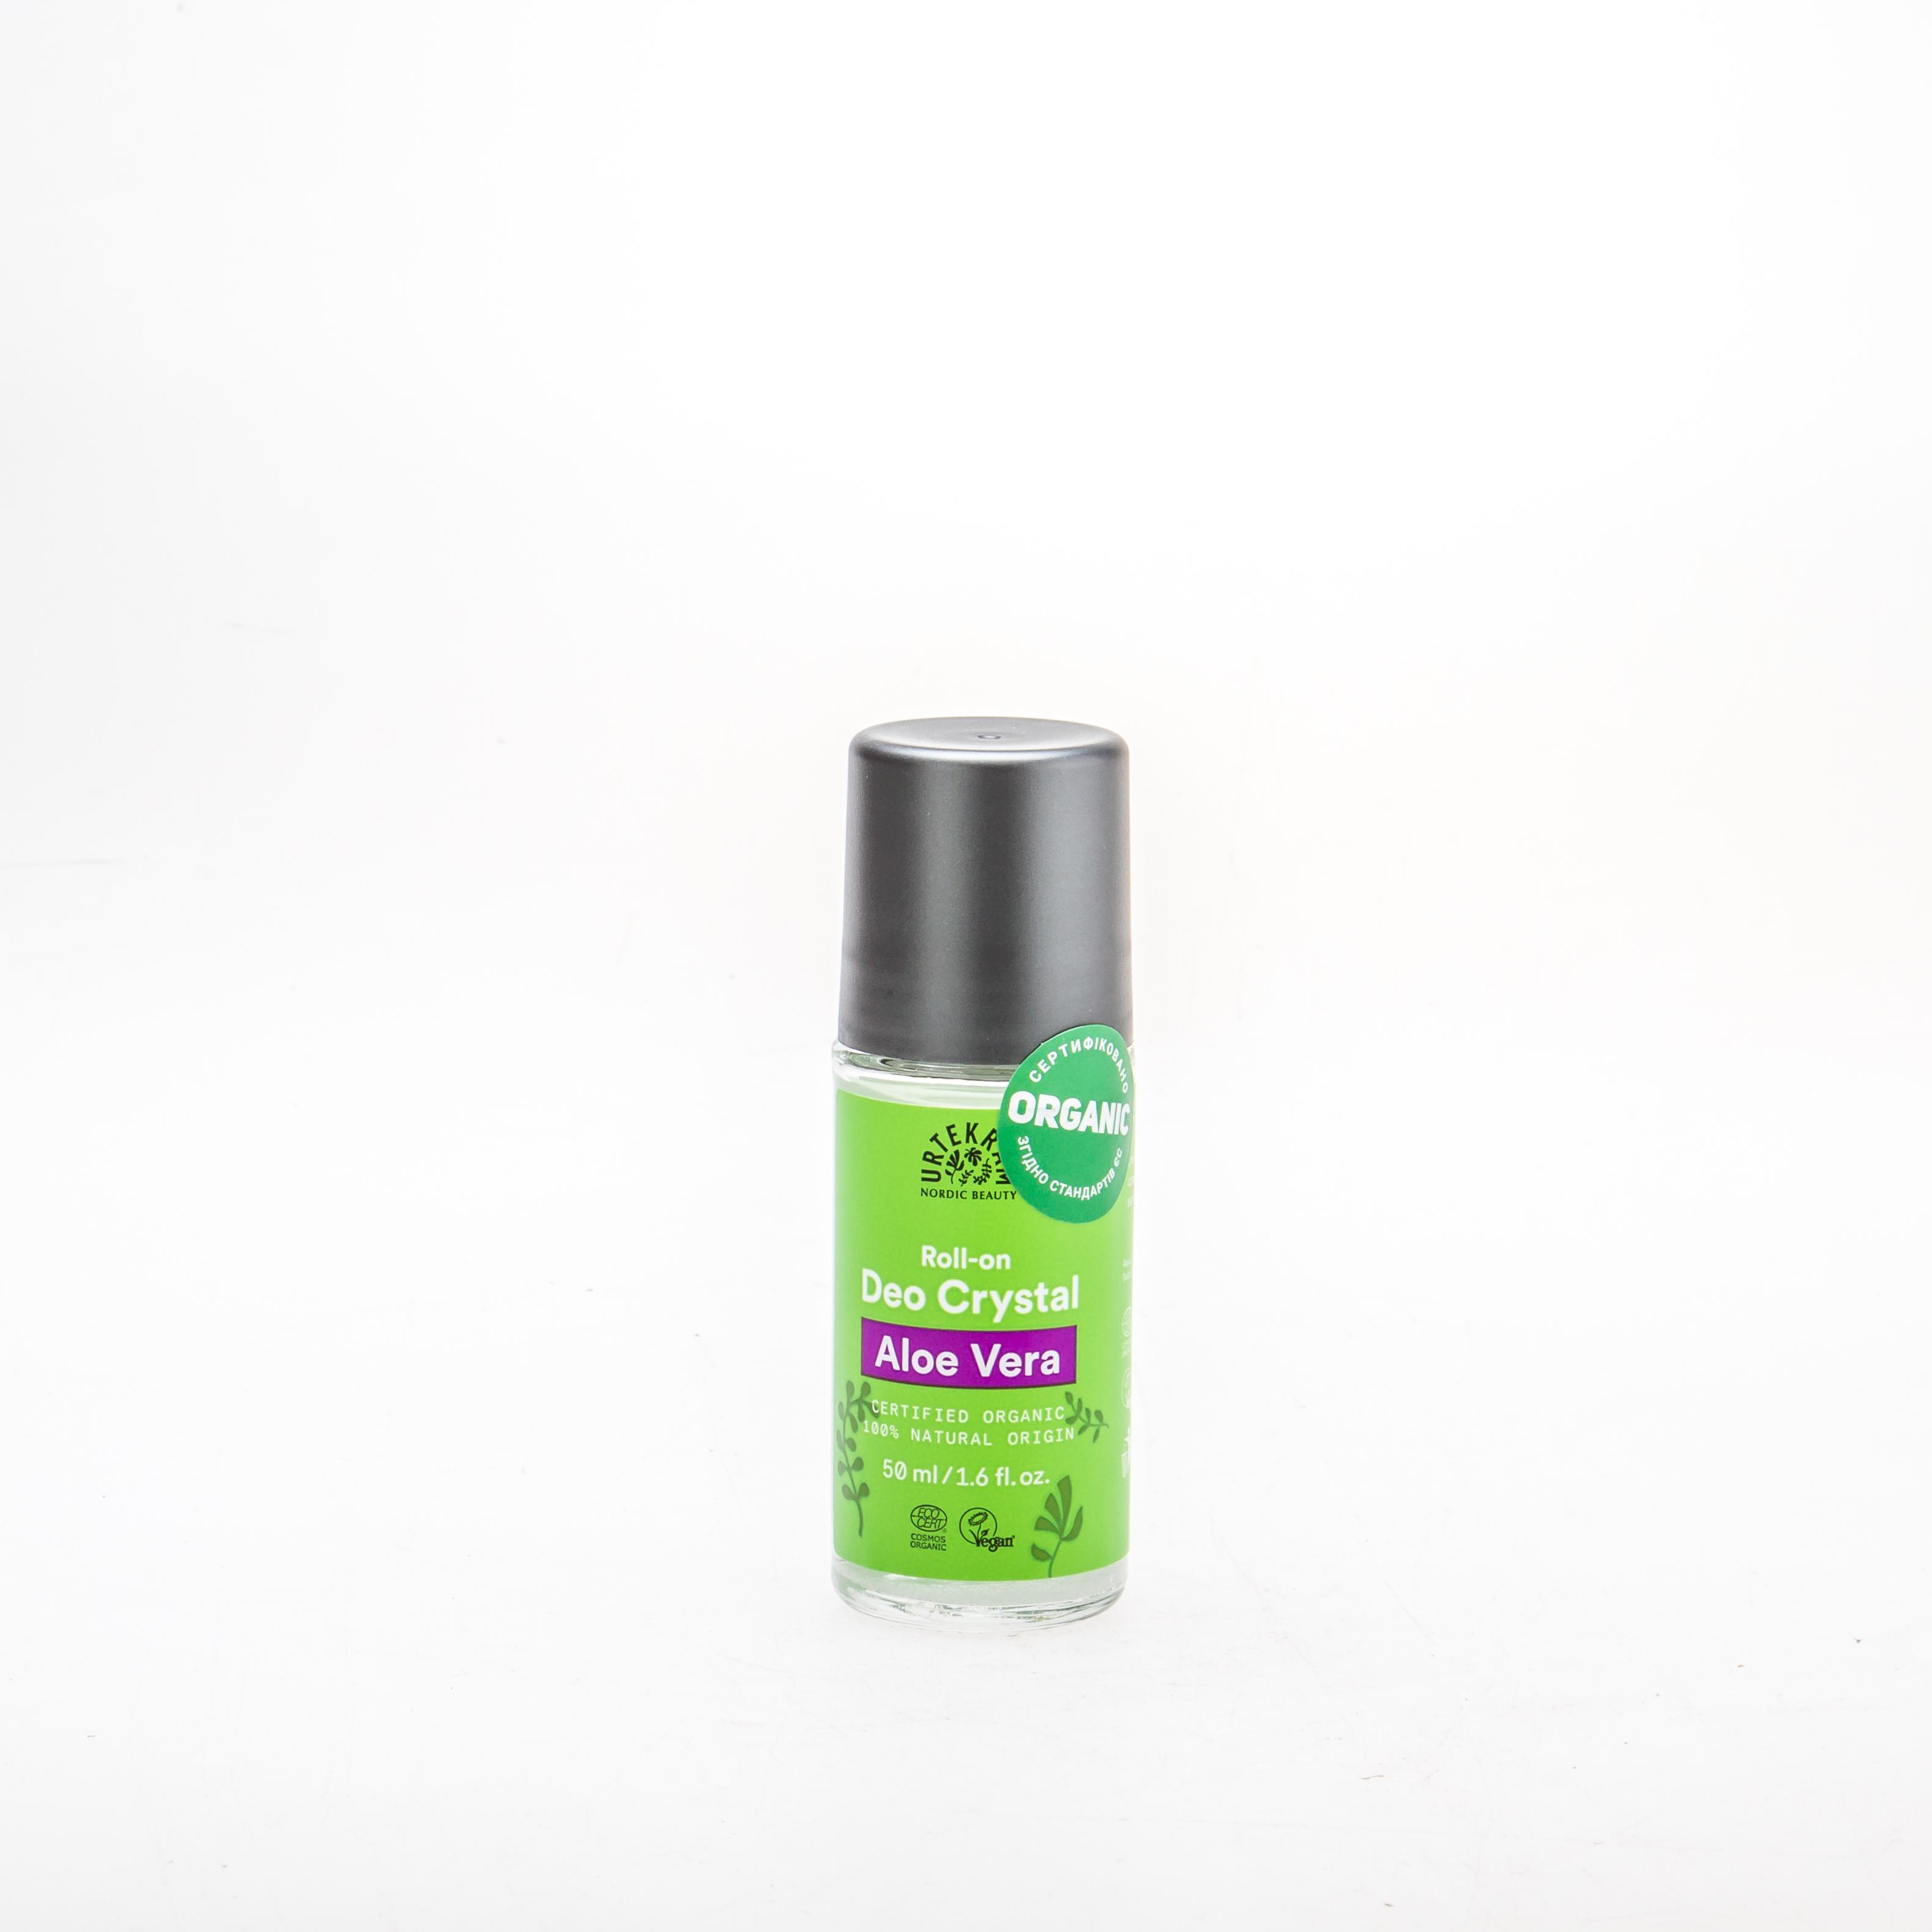 Urtekram Органічний роликовий дезодорант  Алоє Вера, 50 мл - купить в интернет-магазине Юнимед